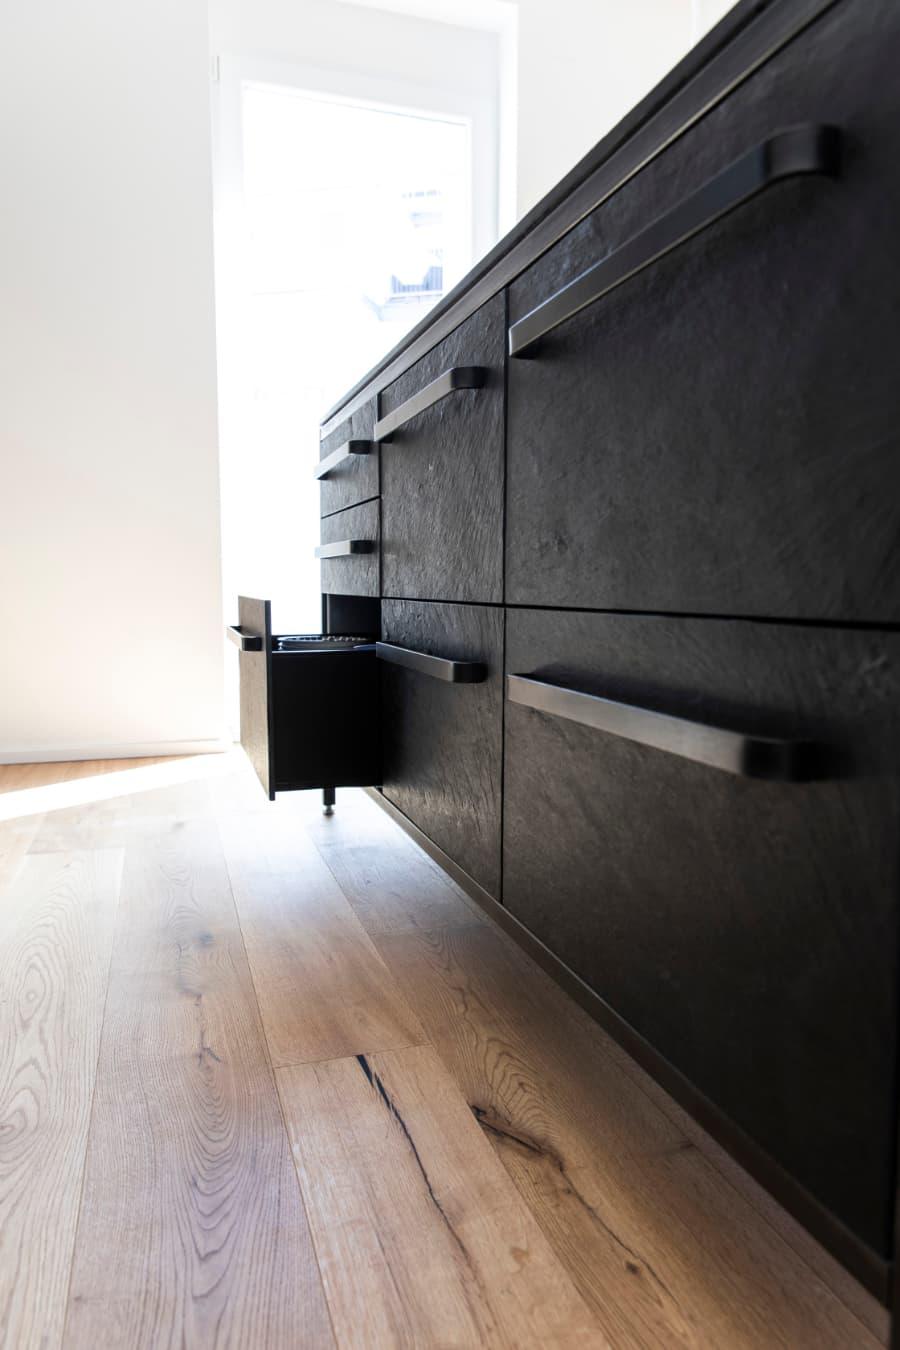 Schubladenfronten-aus-Schieferstein-keep-küche-Stahlrahmen